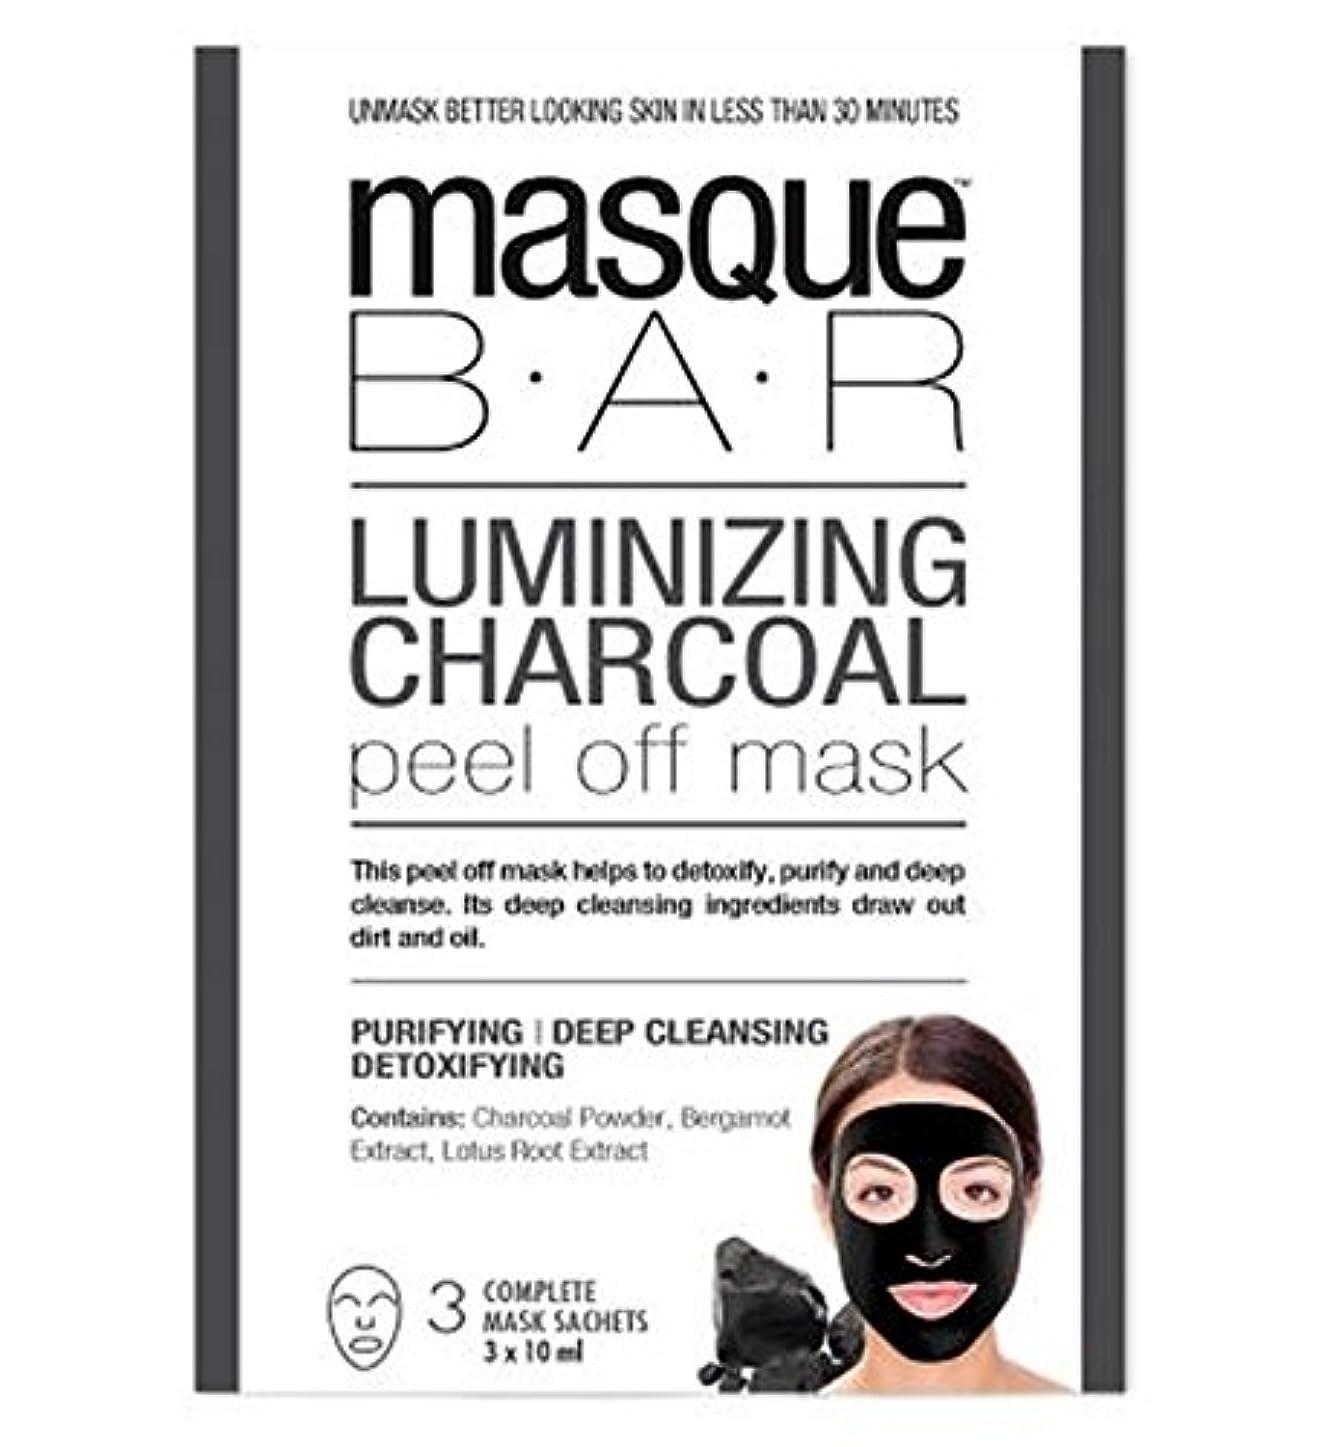 合体無効スツール[P6B Masque Bar Bt] 仮面バーチャコールはがしマスクをルミナイジング - 3枚のマスク - Masque Bar Luminizing Charcoal Peel Off Mask - 3 Masks...